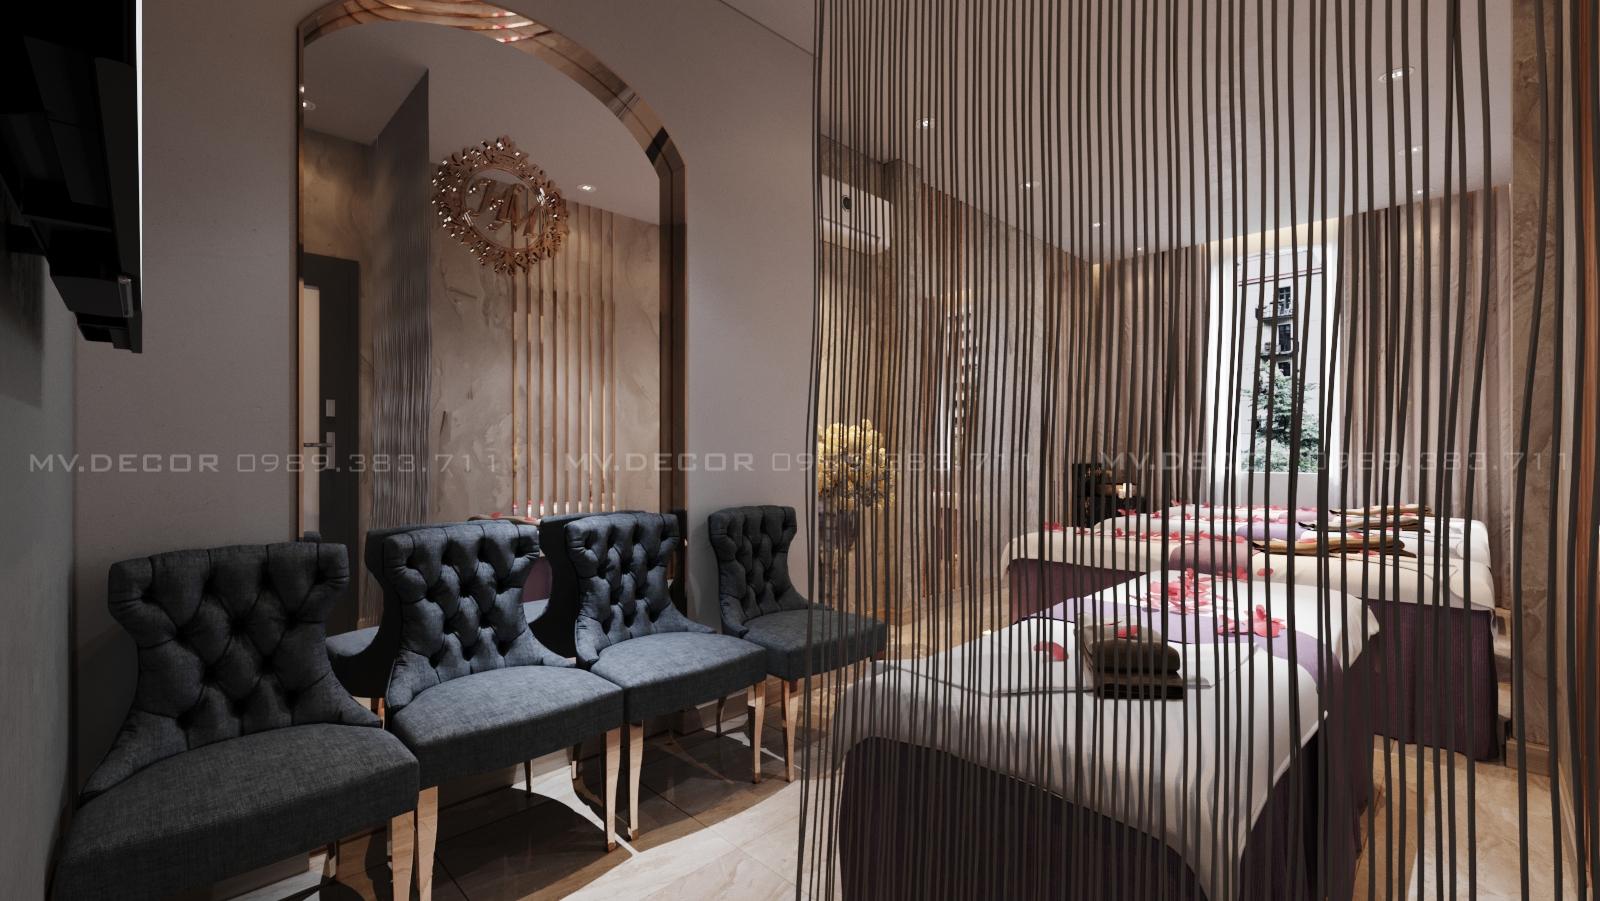 thiết kế nội thất Spa tại Hồ Chí Minh CHI NHÁNH MI HƯƠNG SPA HỒ CHÍ MINH 10 1562719799